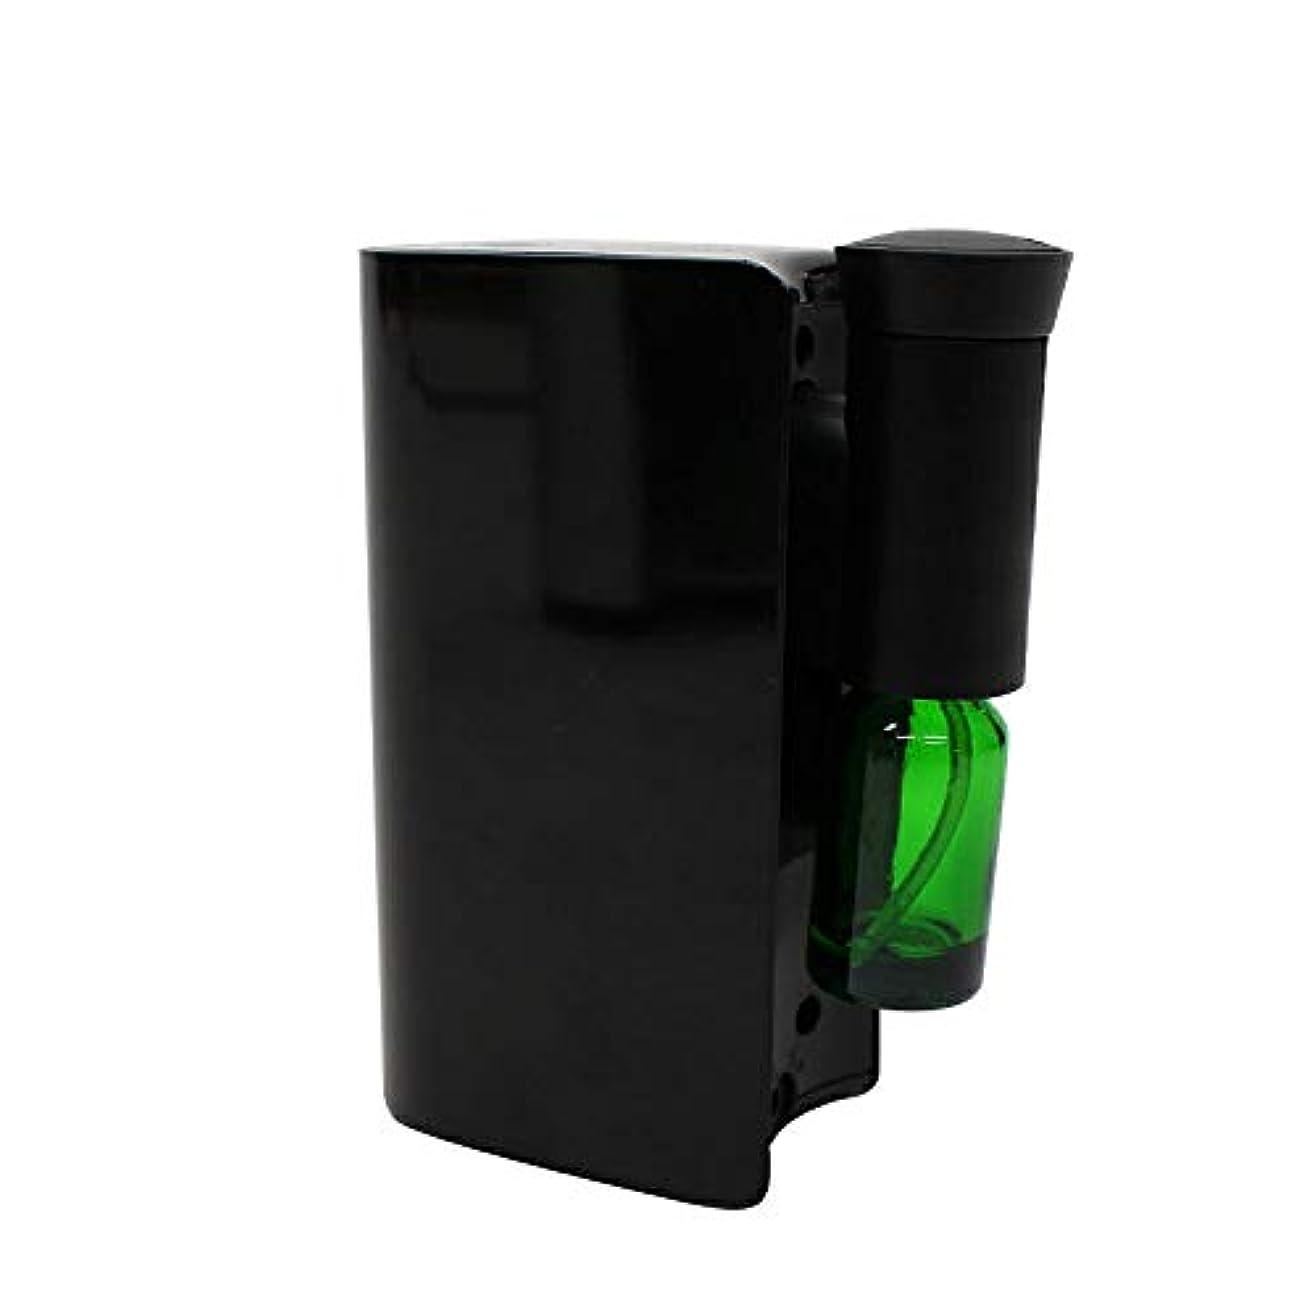 急いで性格名前でアロマ ディフューザー 電池式アロマディフューザー 水を使わない ネブライザー式 アロマオイル対応 自動停止 ECOモード搭載 香り 癒し シンプル コンパクト ブラック